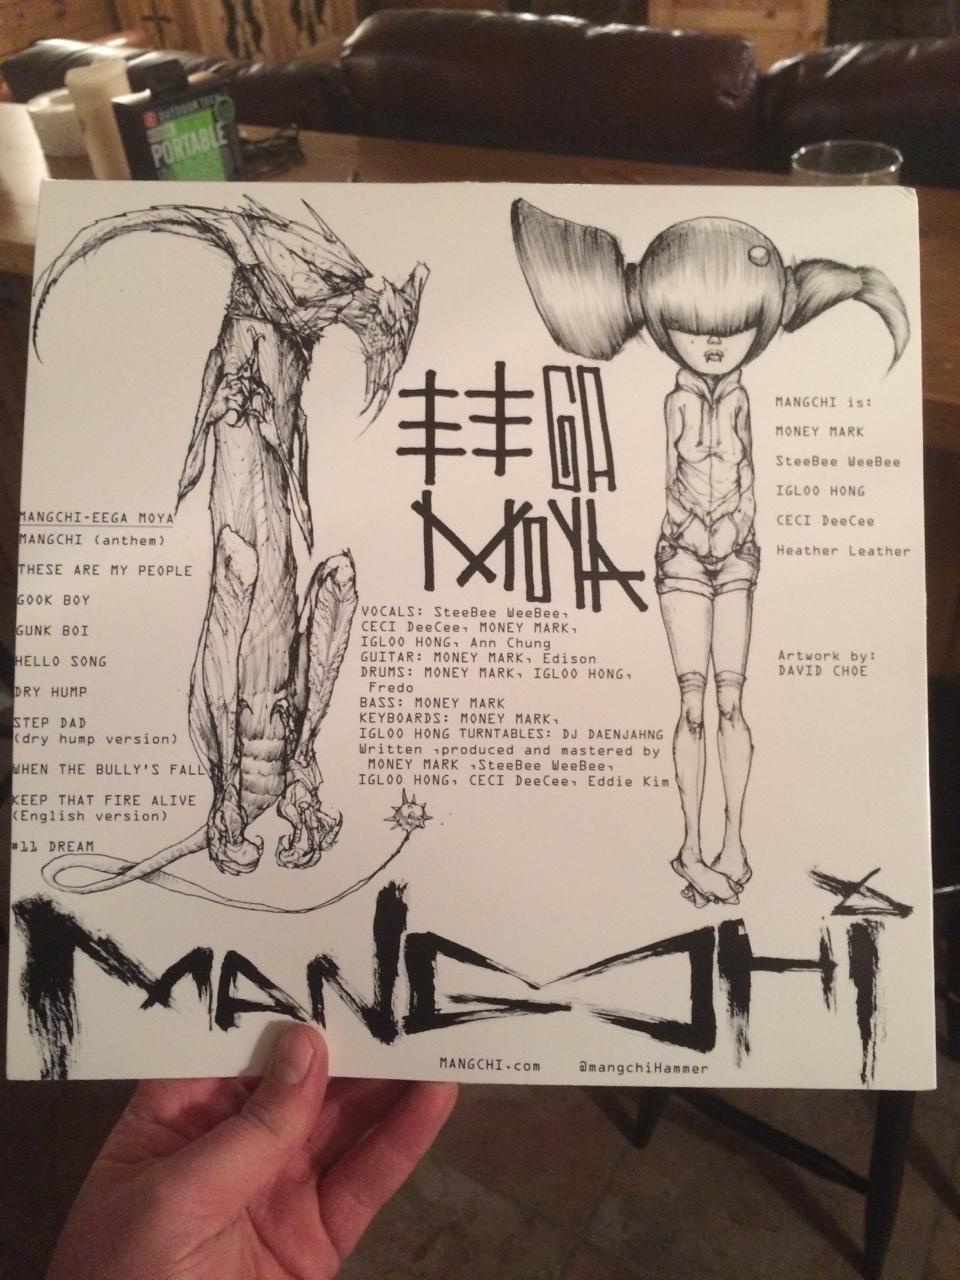 David-Choe-Mangchi-01